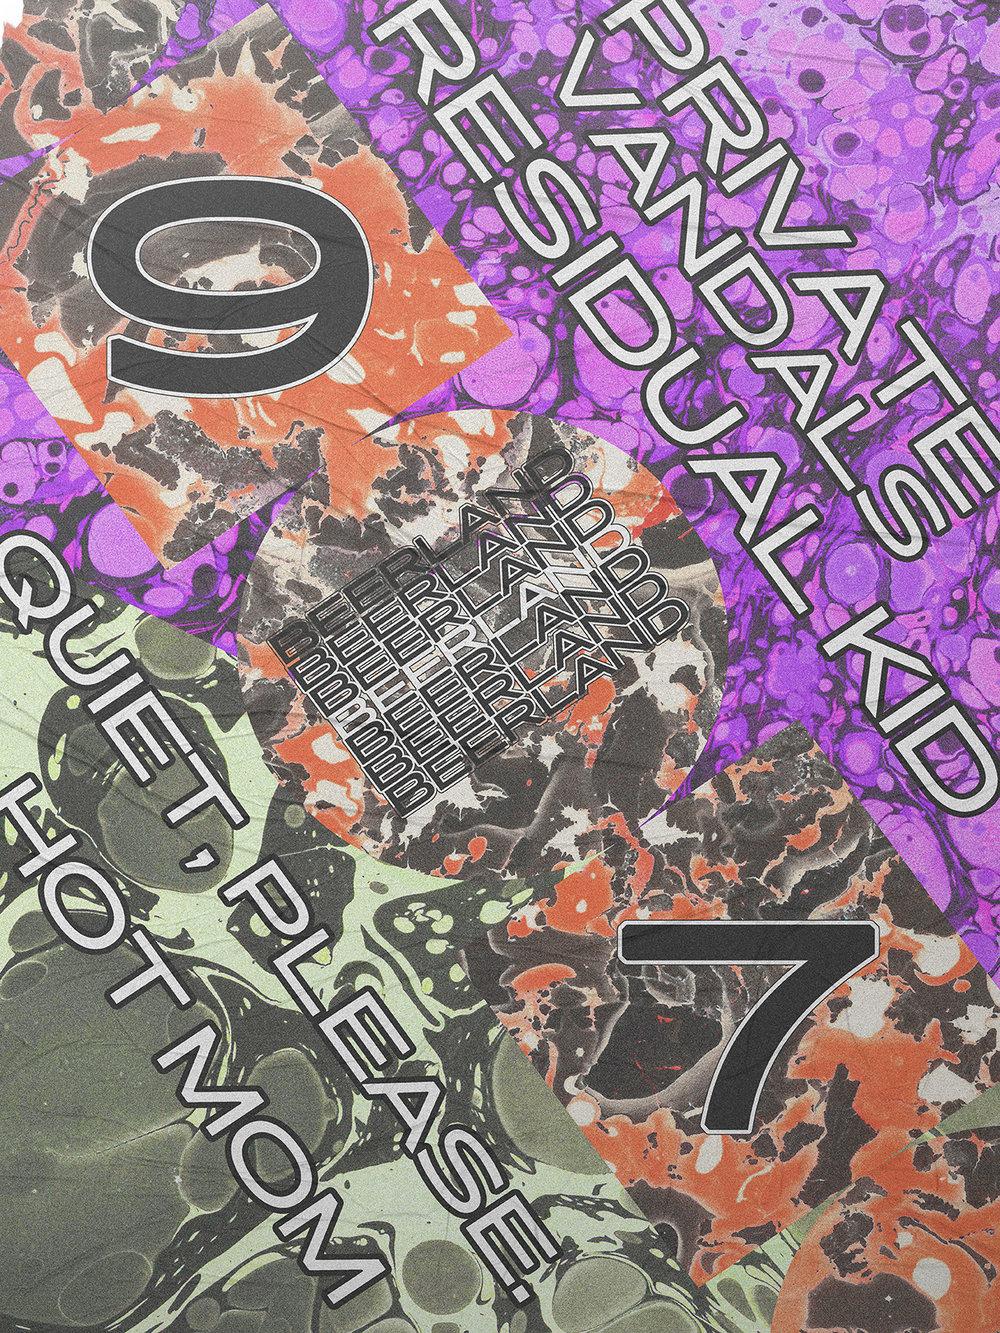 09.07.18_Digital.jpg